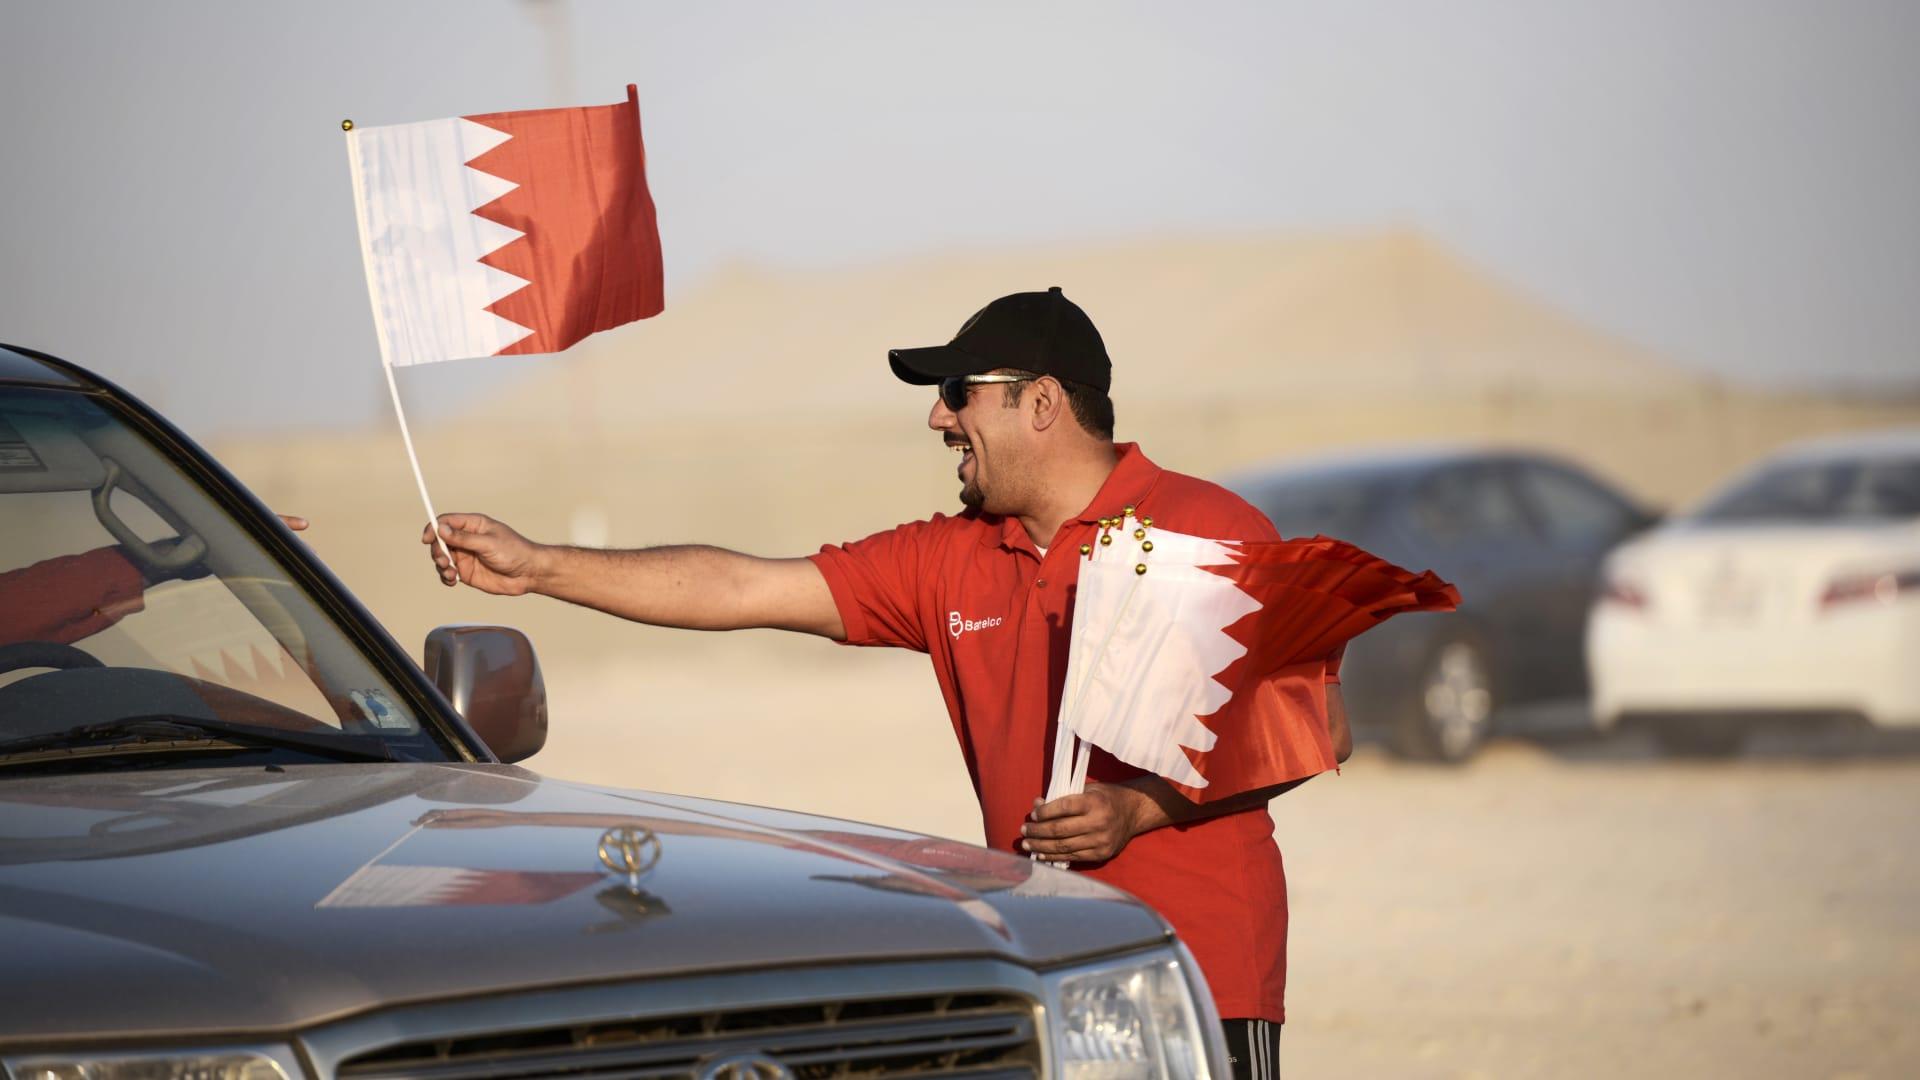 البحرين الأولى عربياً.. ما هي أفضل الوجهات للوافدين في 2021؟